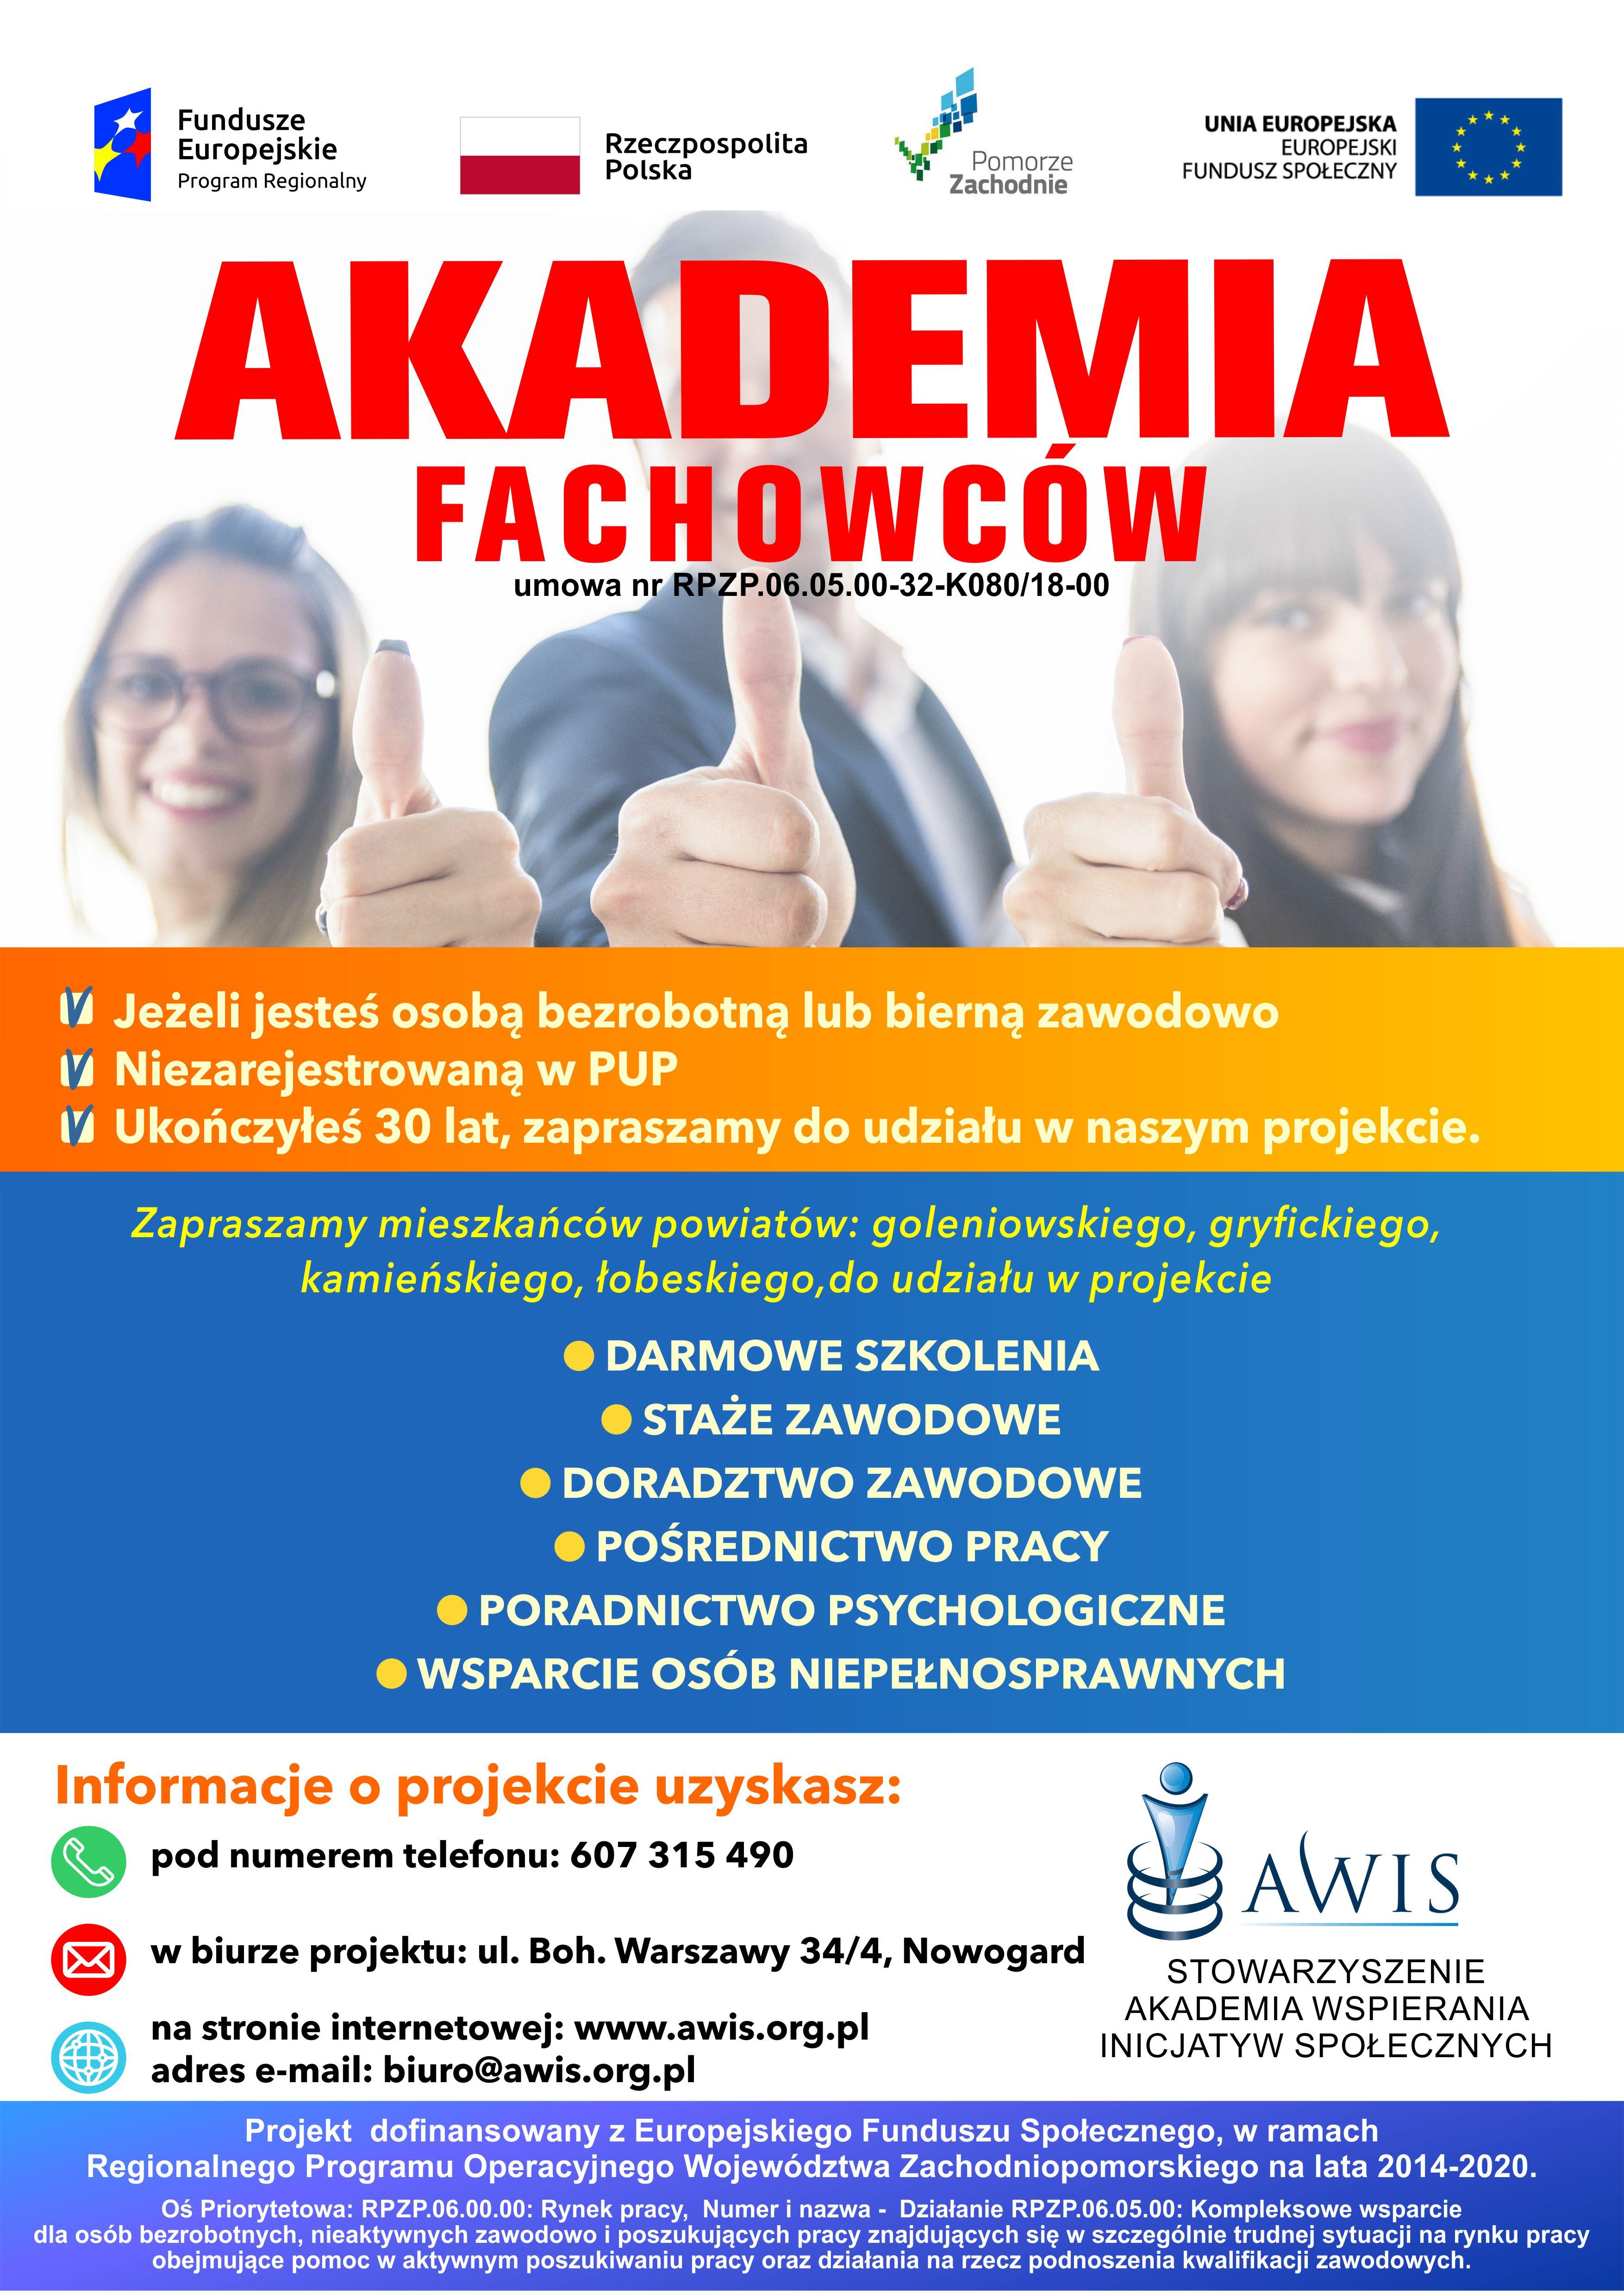 plakat Akademia Fachowcow